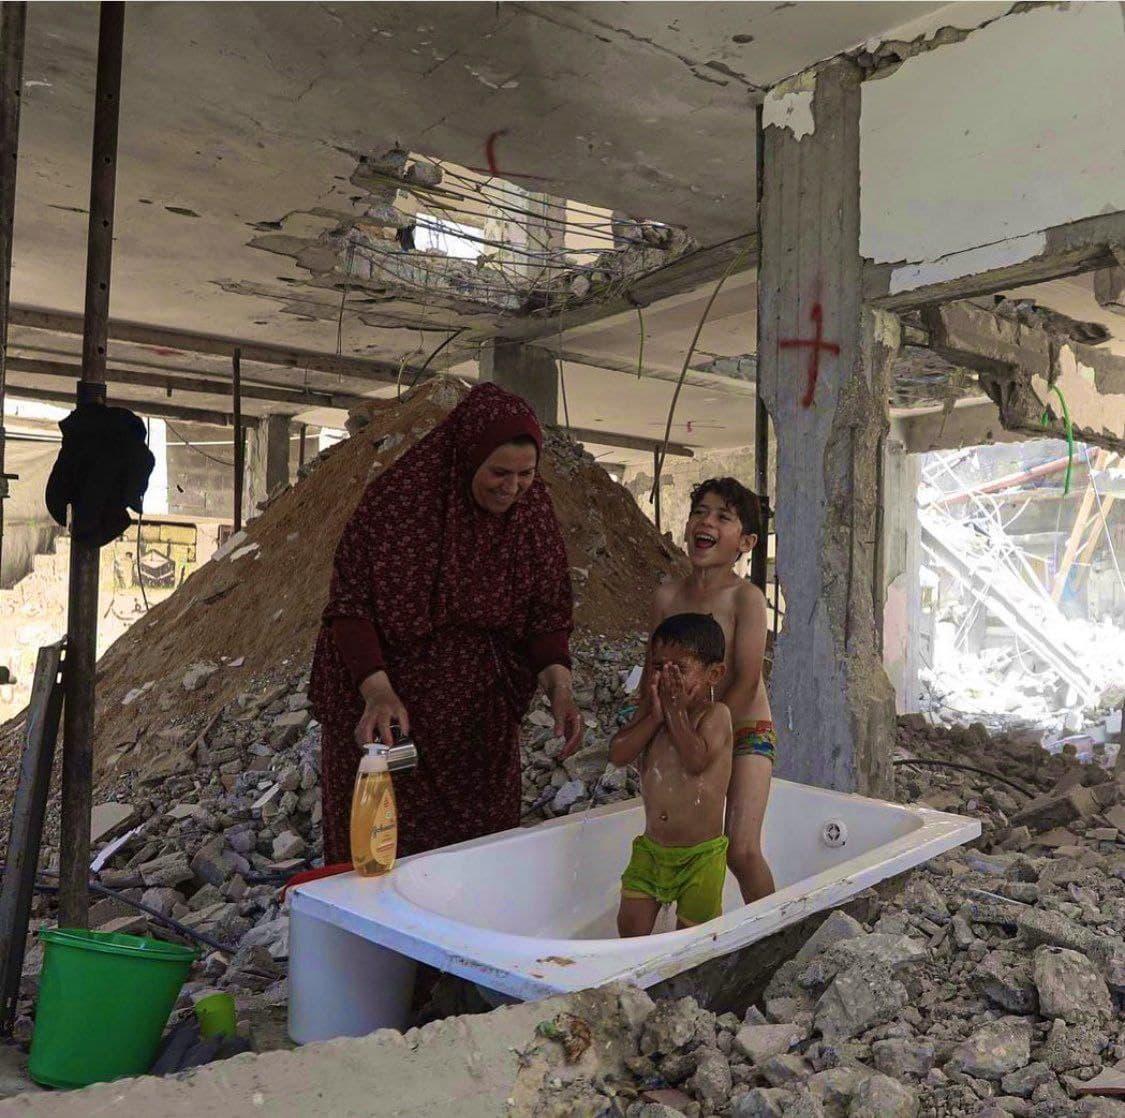 حمام بچهها در ویرانههای غزه+ عکس